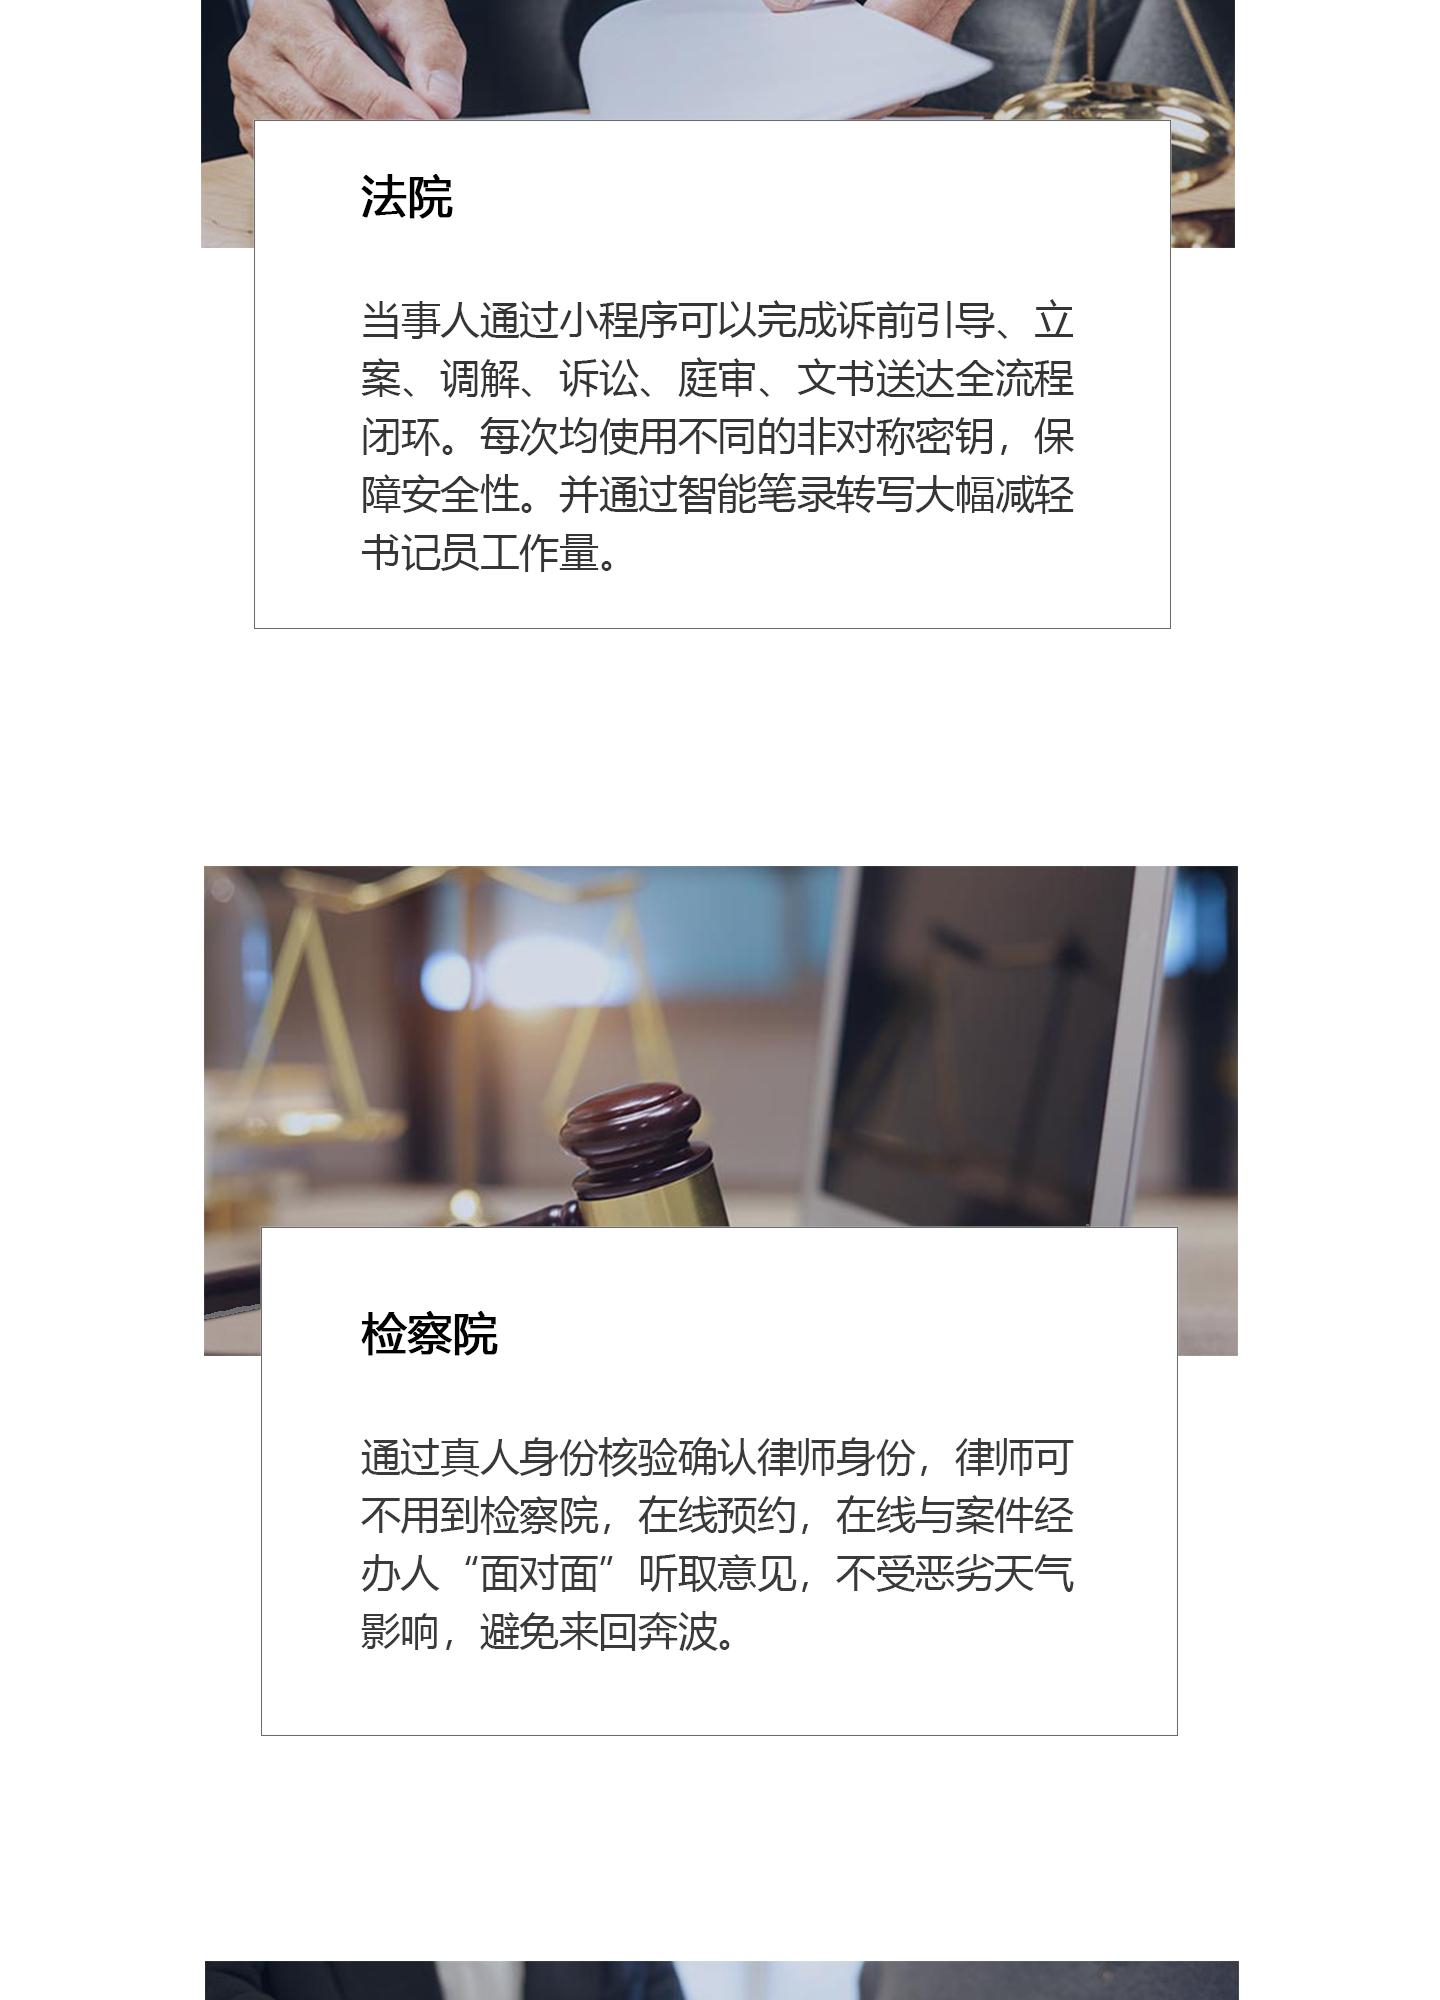 智慧司法解决方案1440_04.jpg